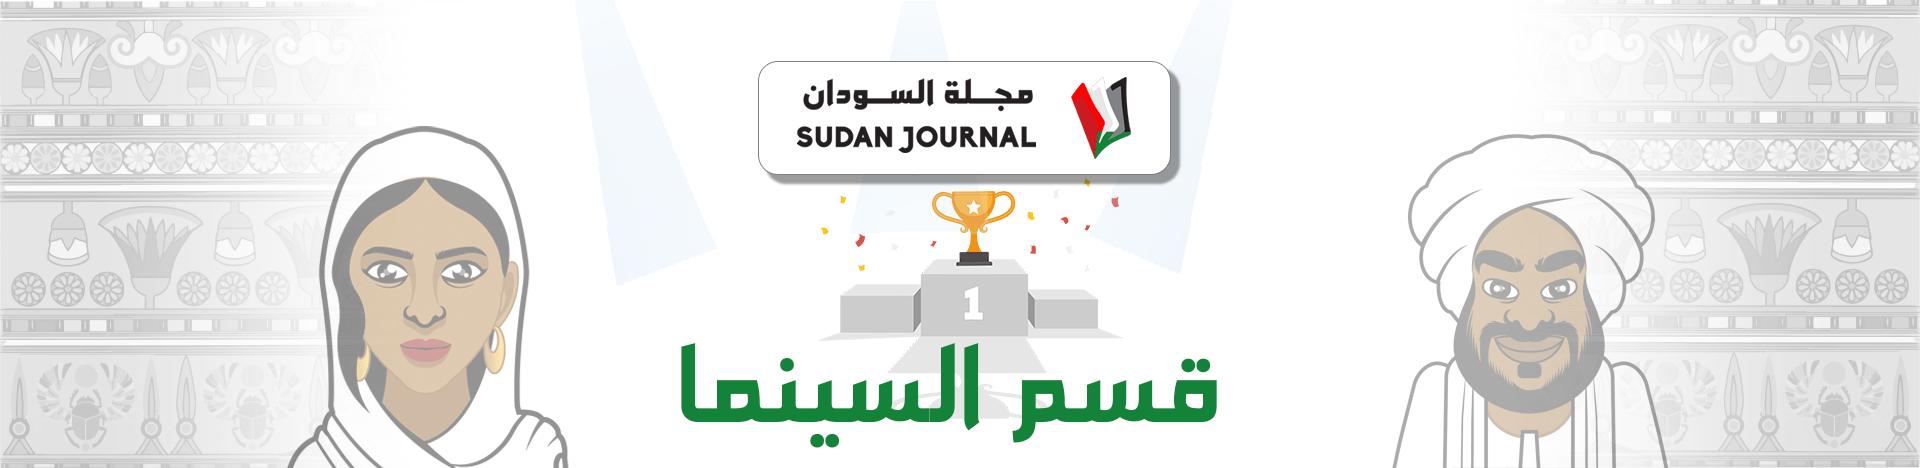 مجلة السودان   Sudan Journal